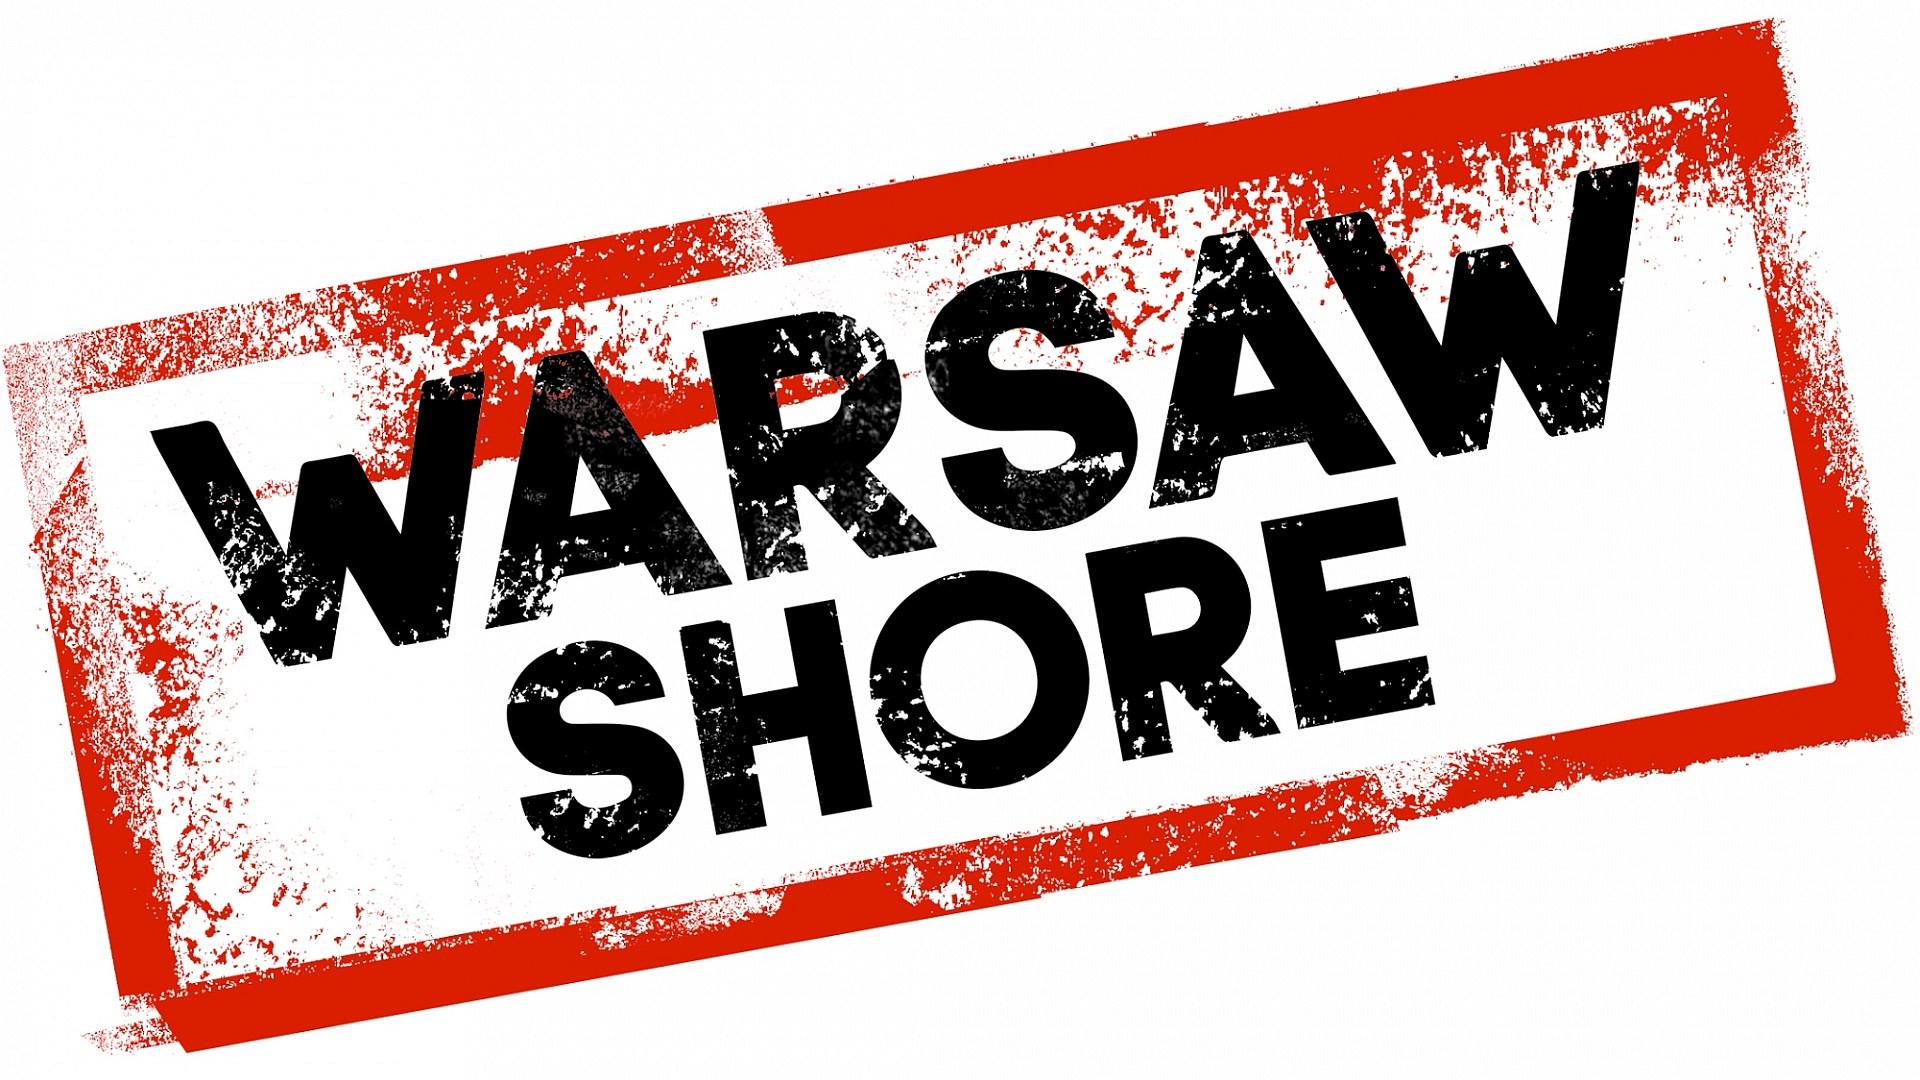 Warsaw Shore